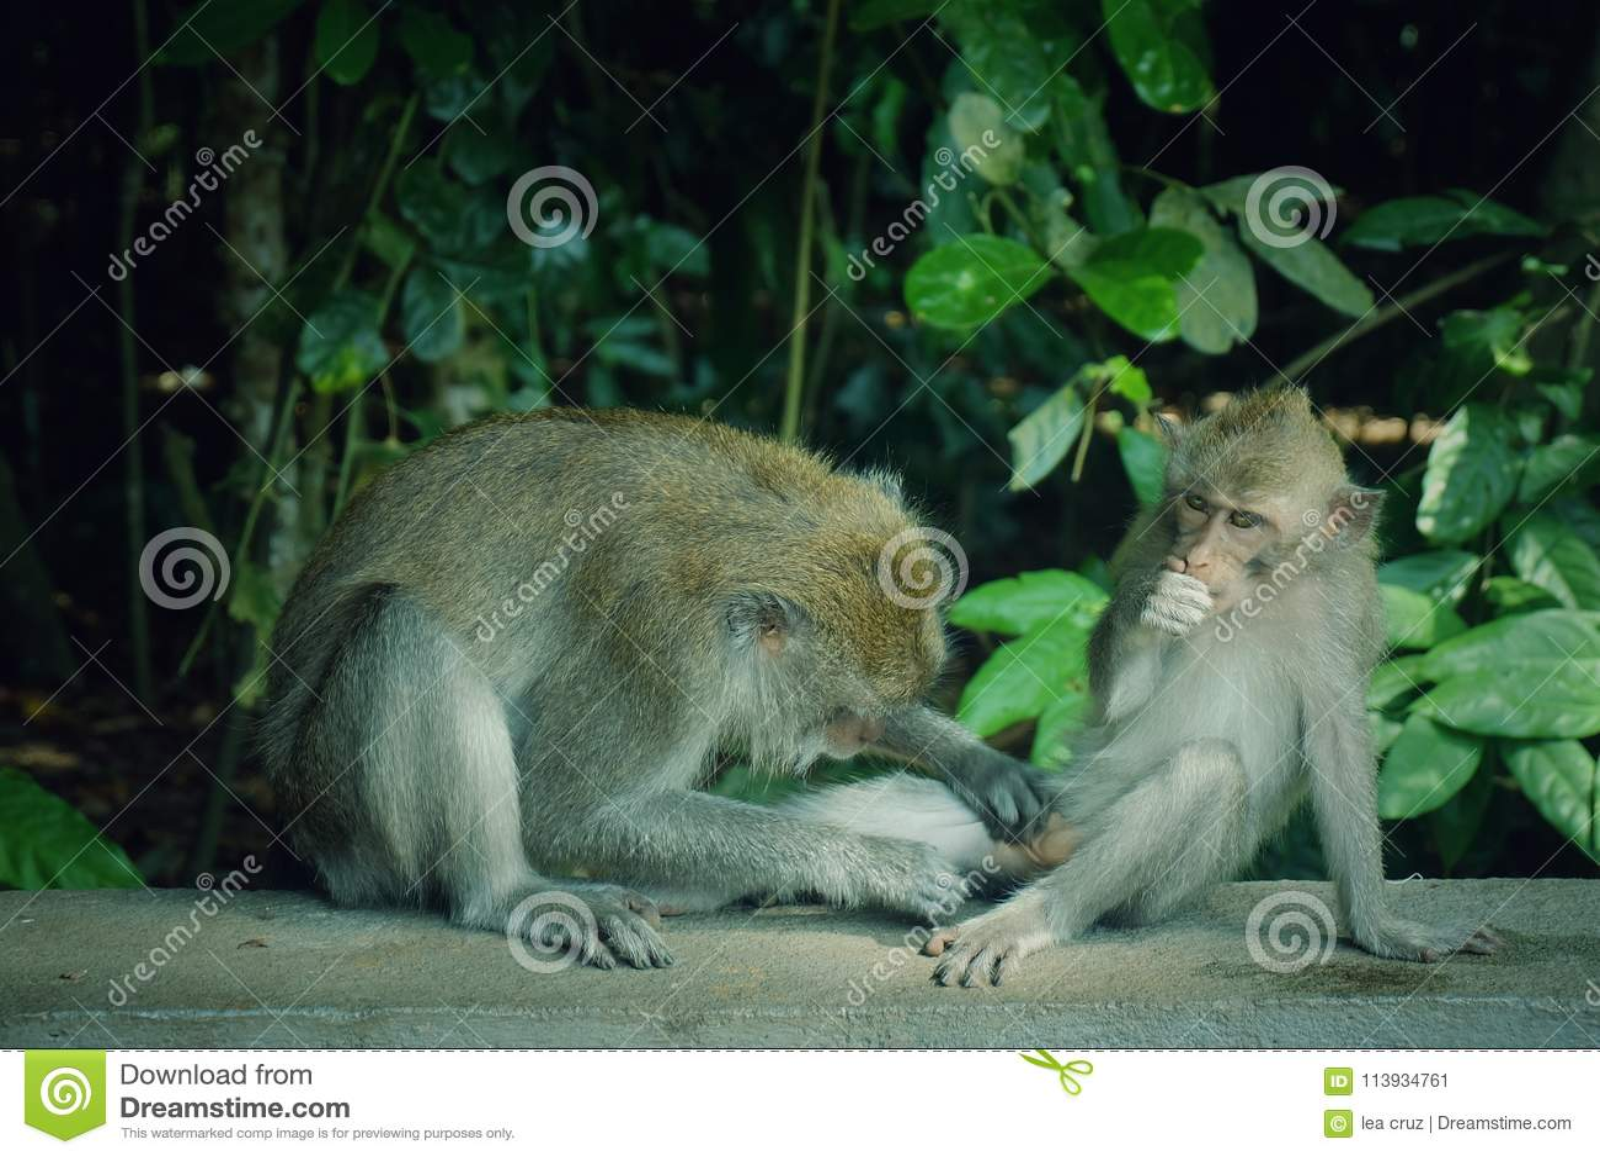 Naughty monkeys 30